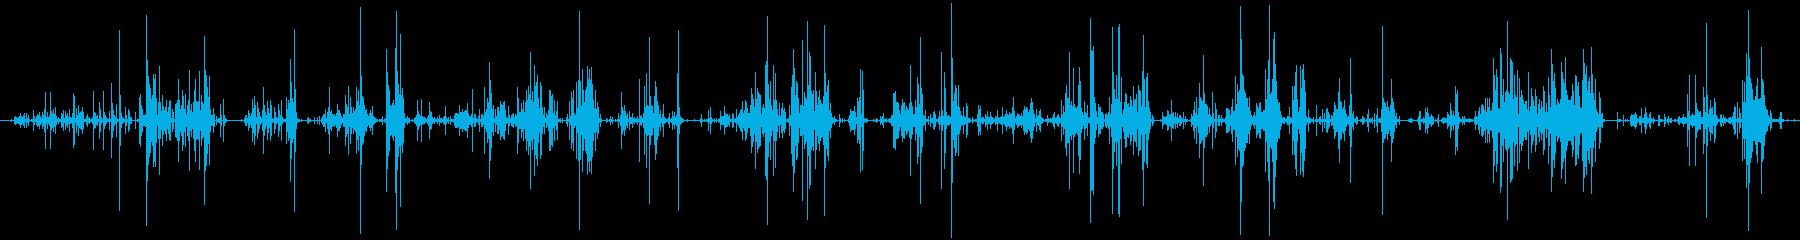 メタル チェーンムーブメント01の再生済みの波形